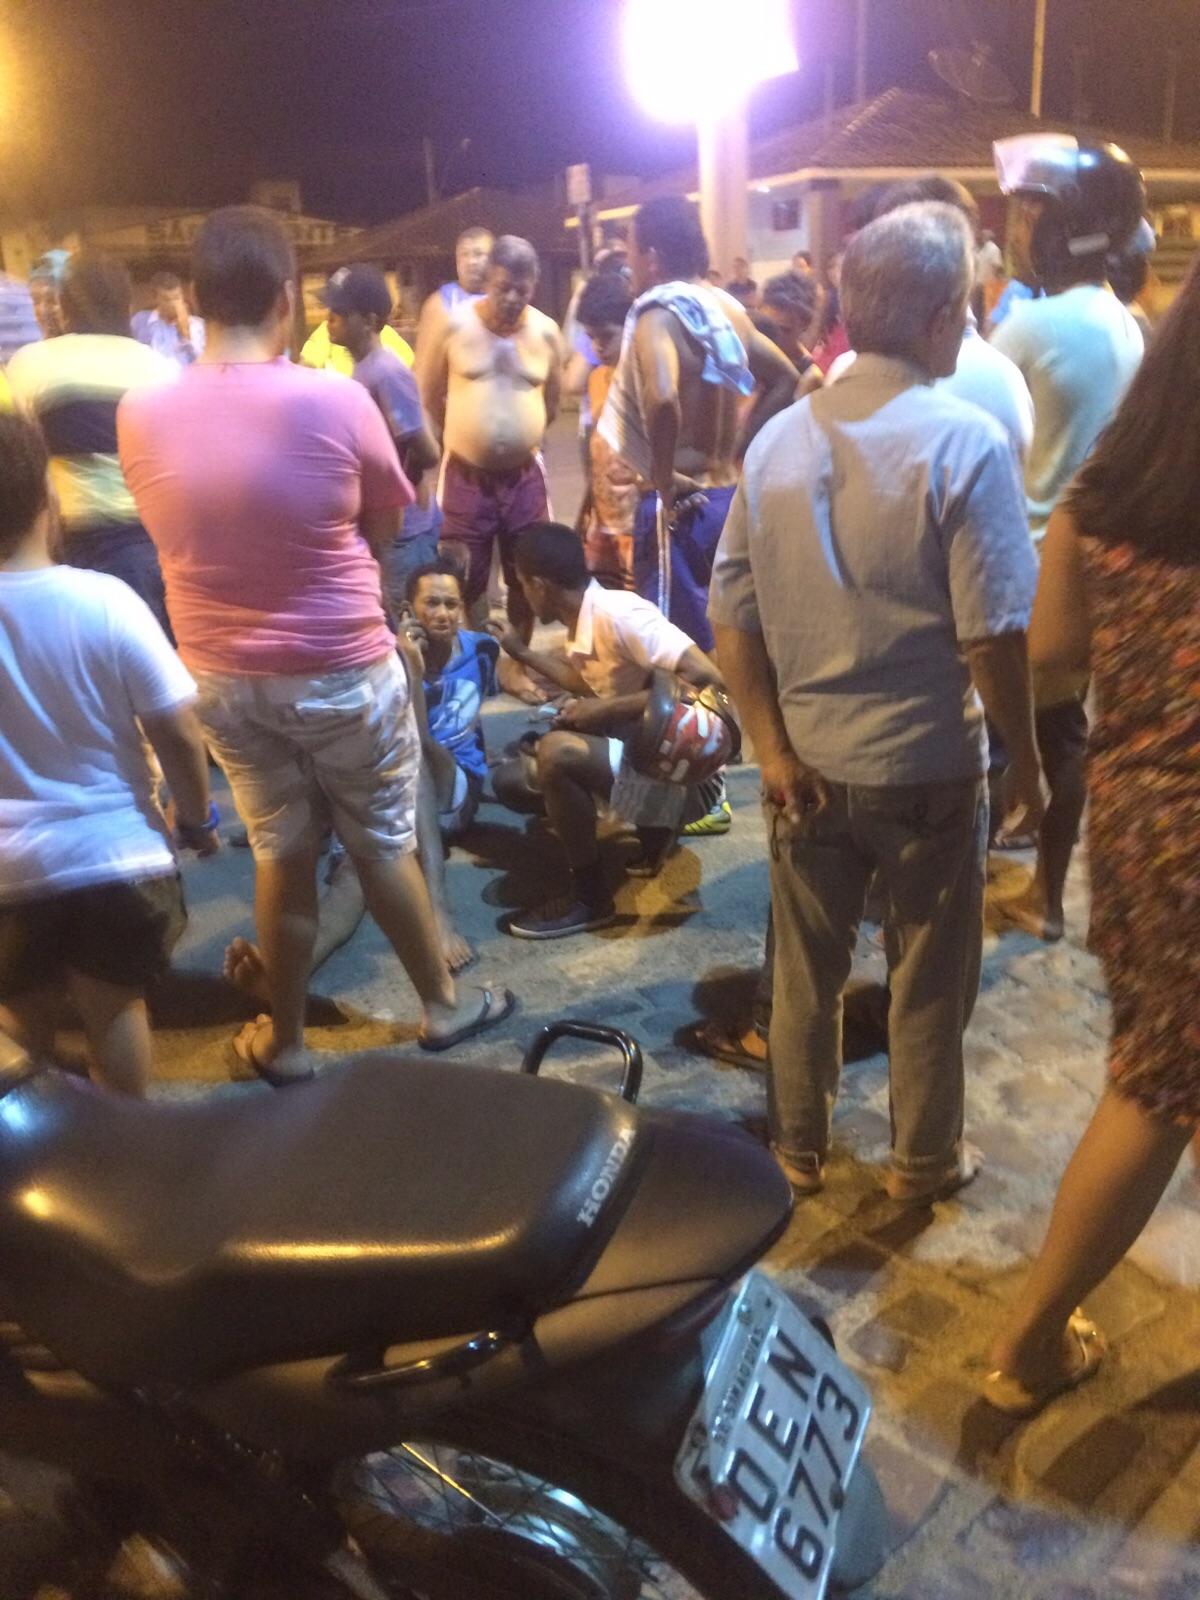 POLÍCIA MILITAR DE SIMÃO DIAS PRENDE EM FLAGRANTE, MOTORISTA ALCOLIZADO APÓS ACIDENTE NO CENTRO DA CIDADE